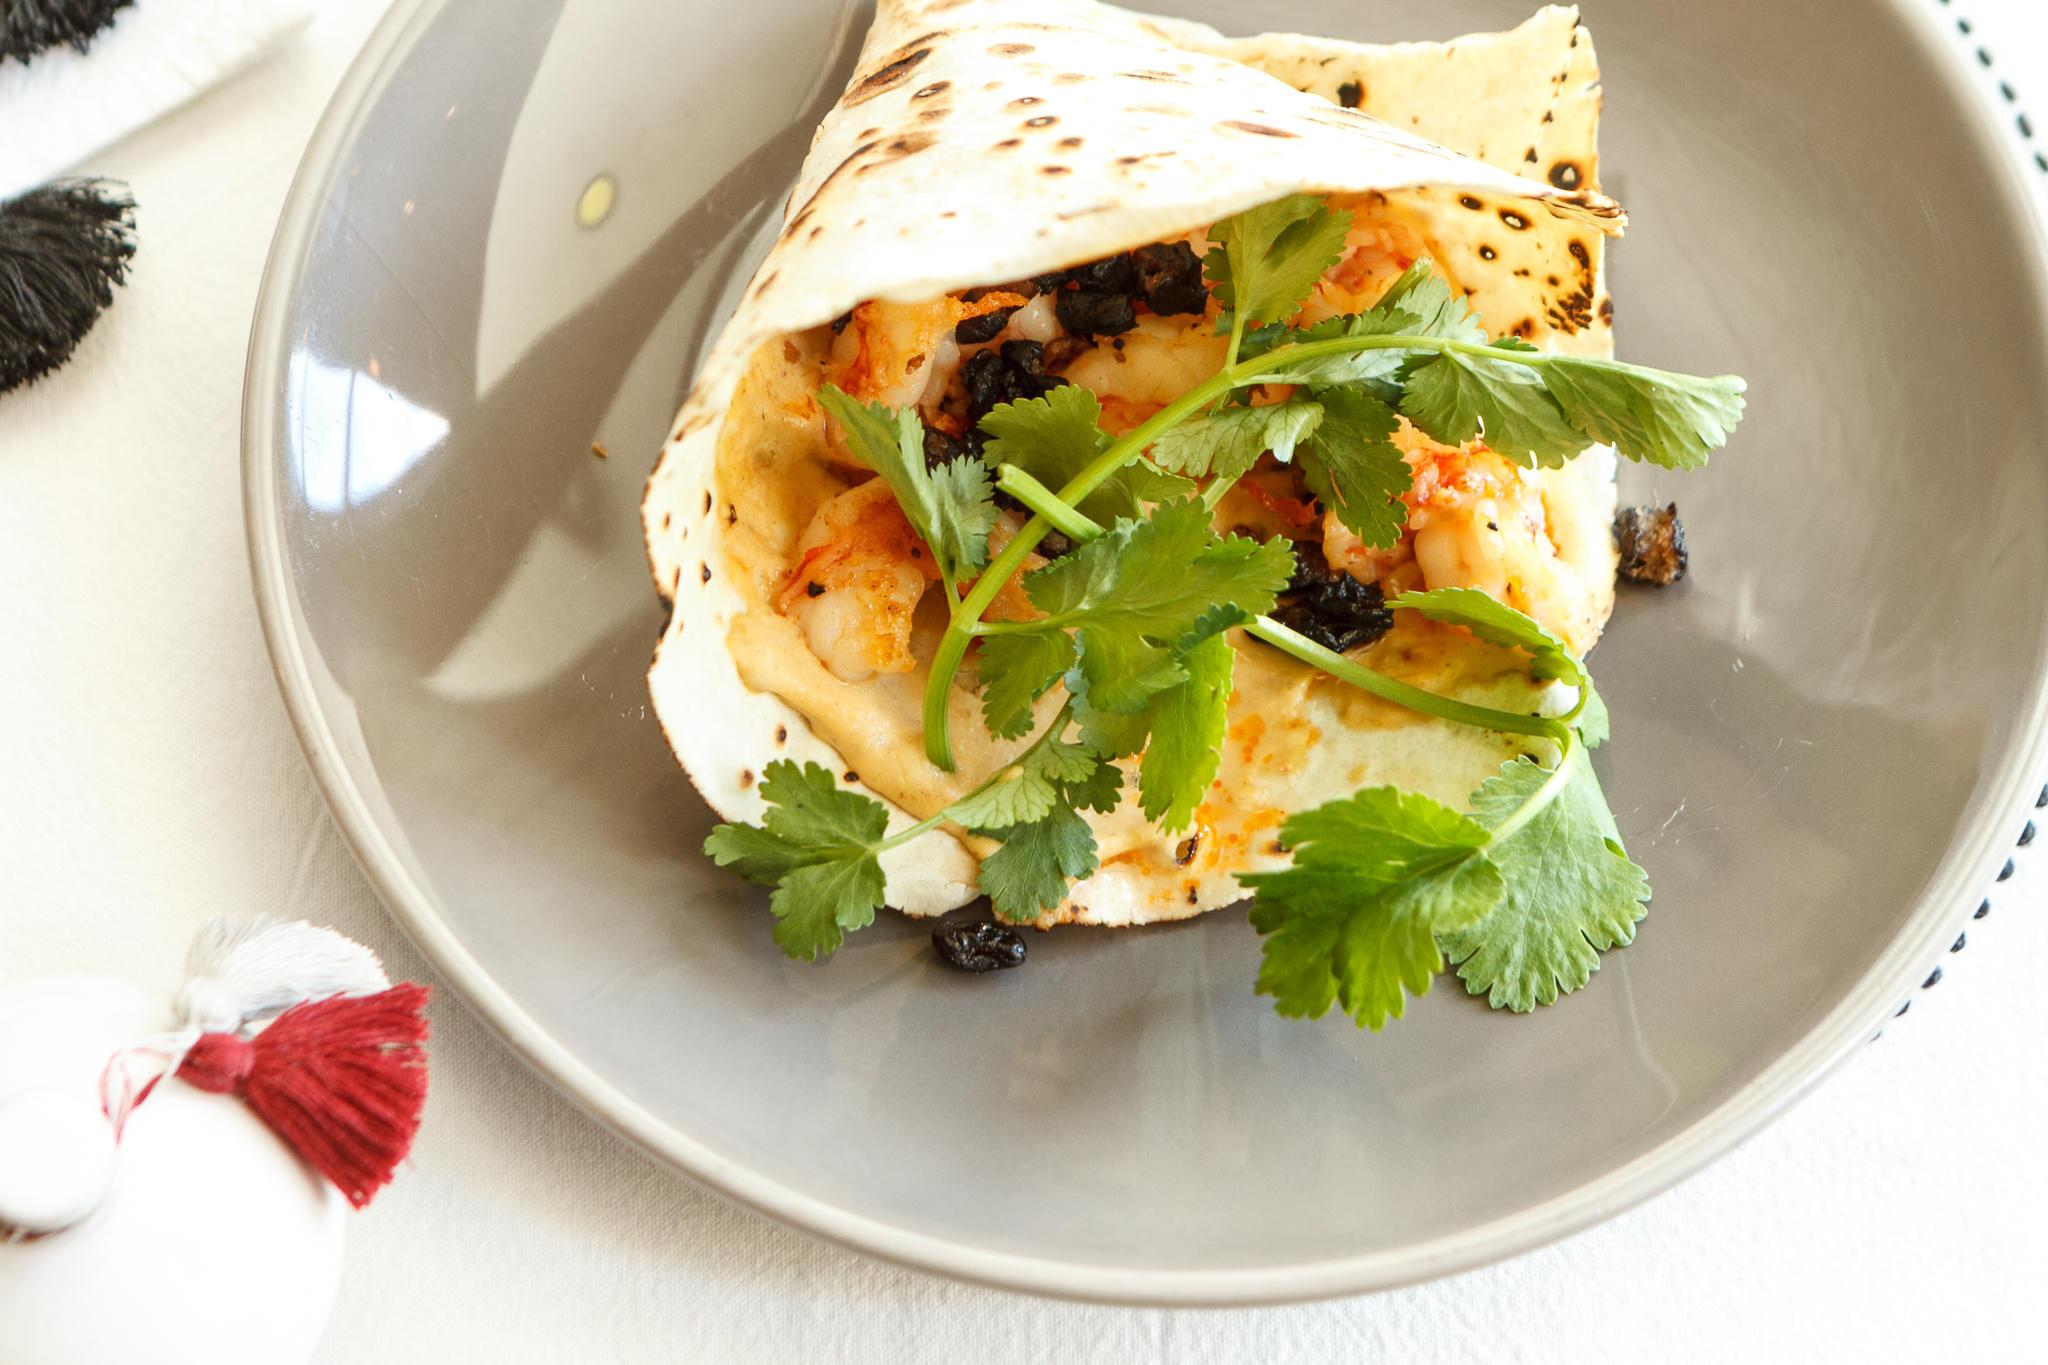 Хрустящая лепёшка с креветками, чёрными бобами и острым соусом